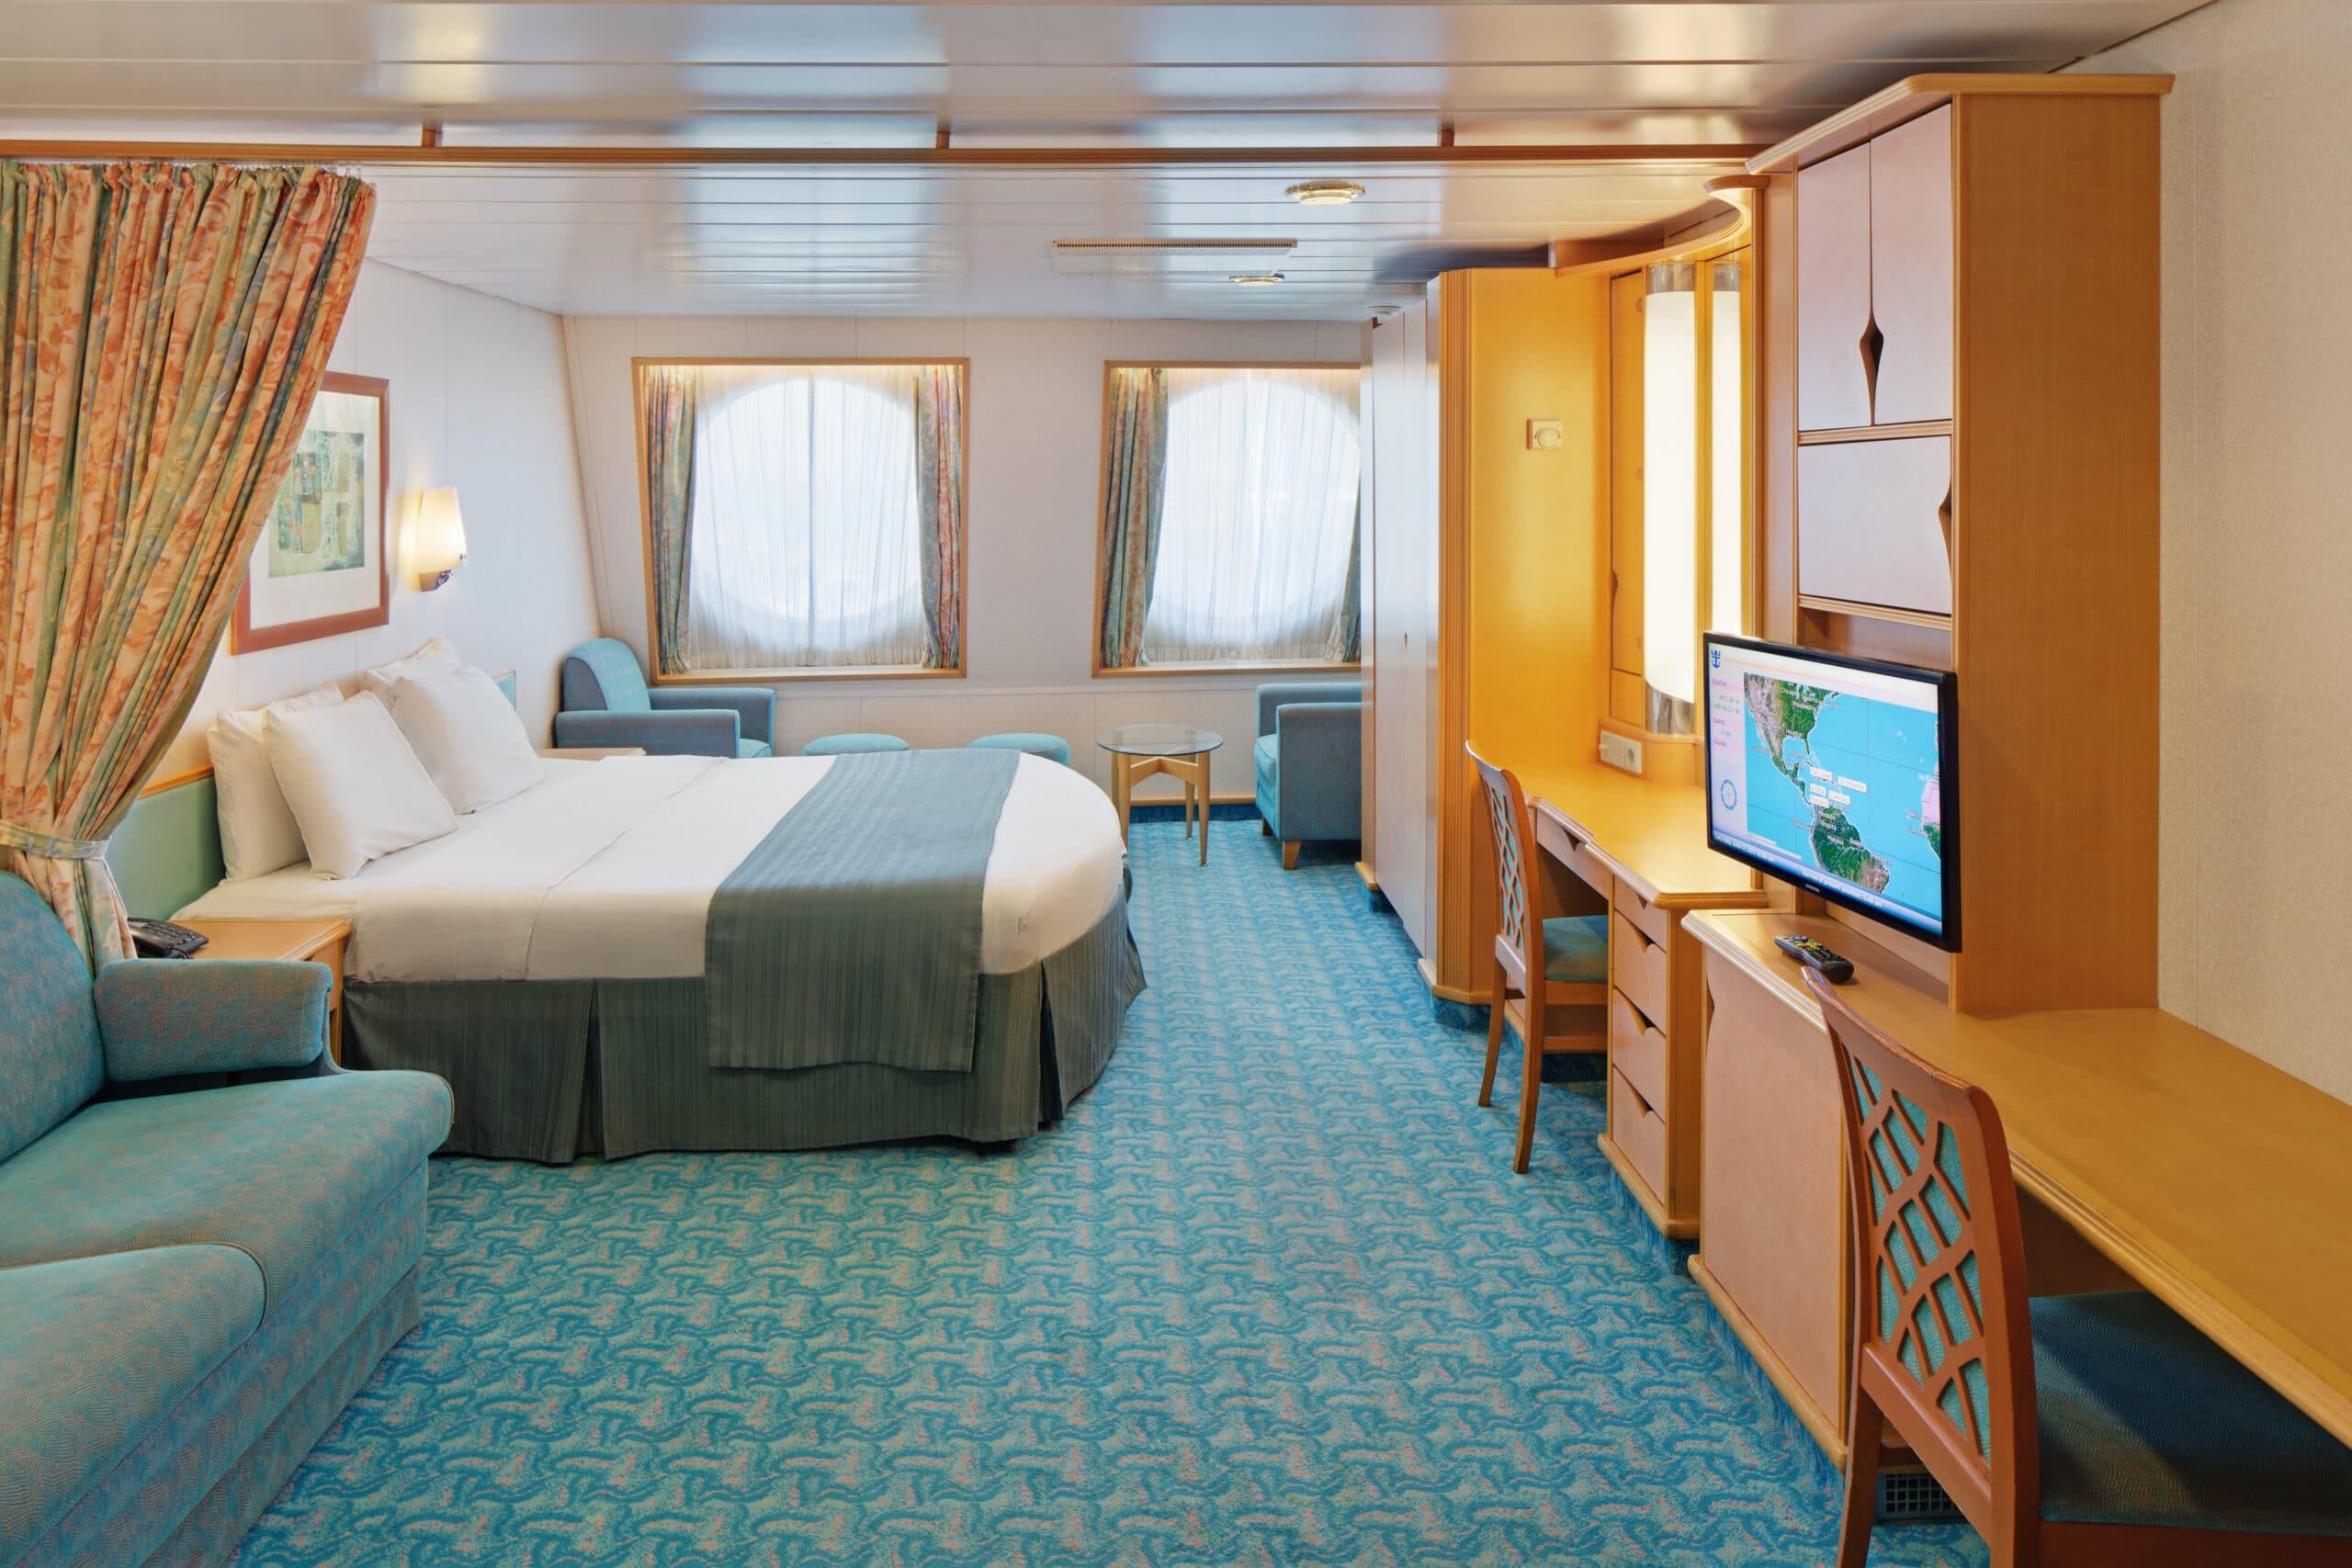 Royal-Caribbean-International-Adventure-of-the-Seas-schip-cruiseschip-categorie-1K-Ultra-grote-buitenhut